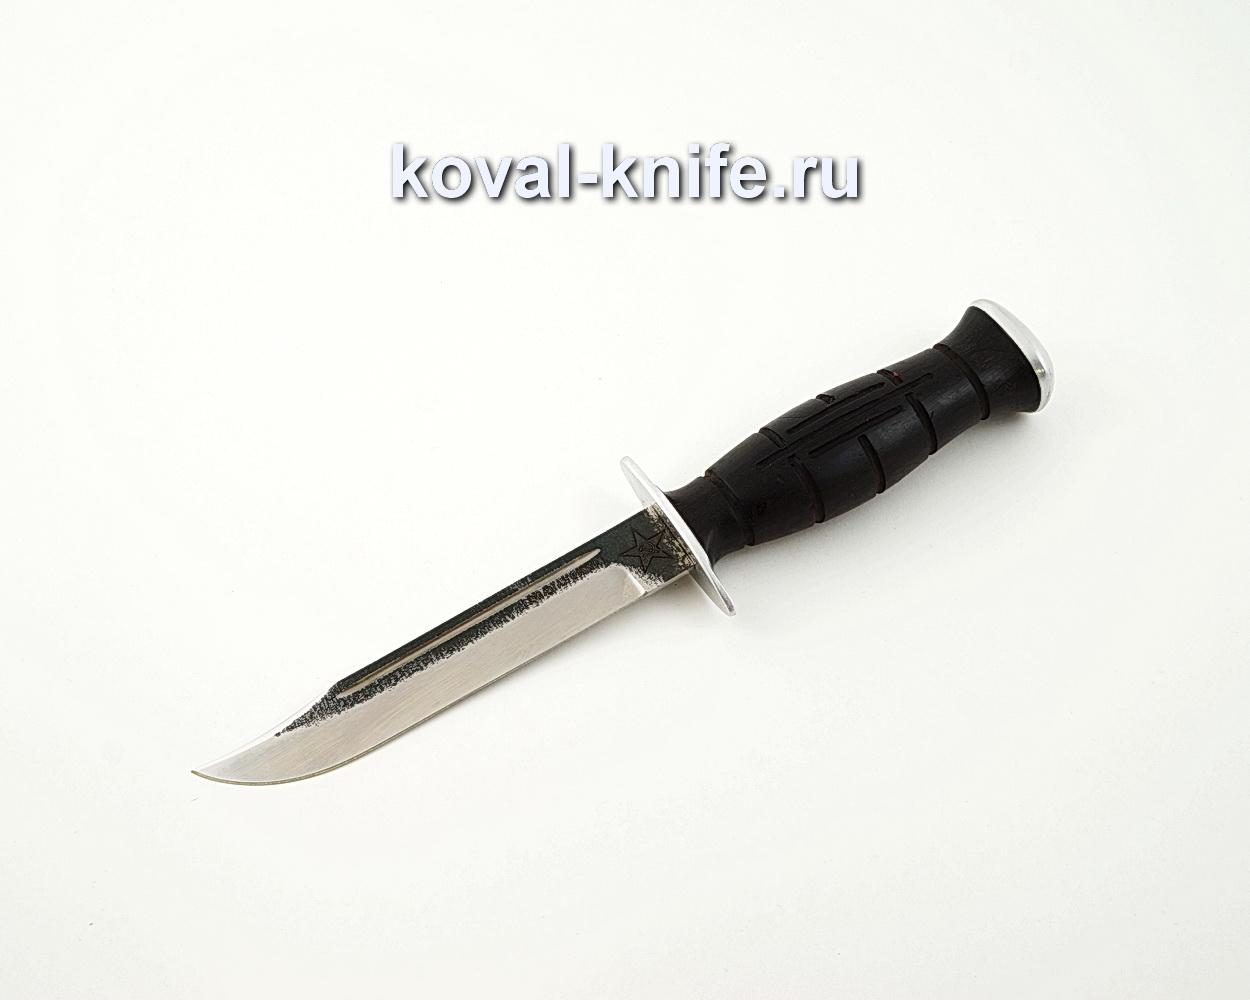 Нож Вишня из кованой стали 110Х18 с рукоятью из черного граба A595